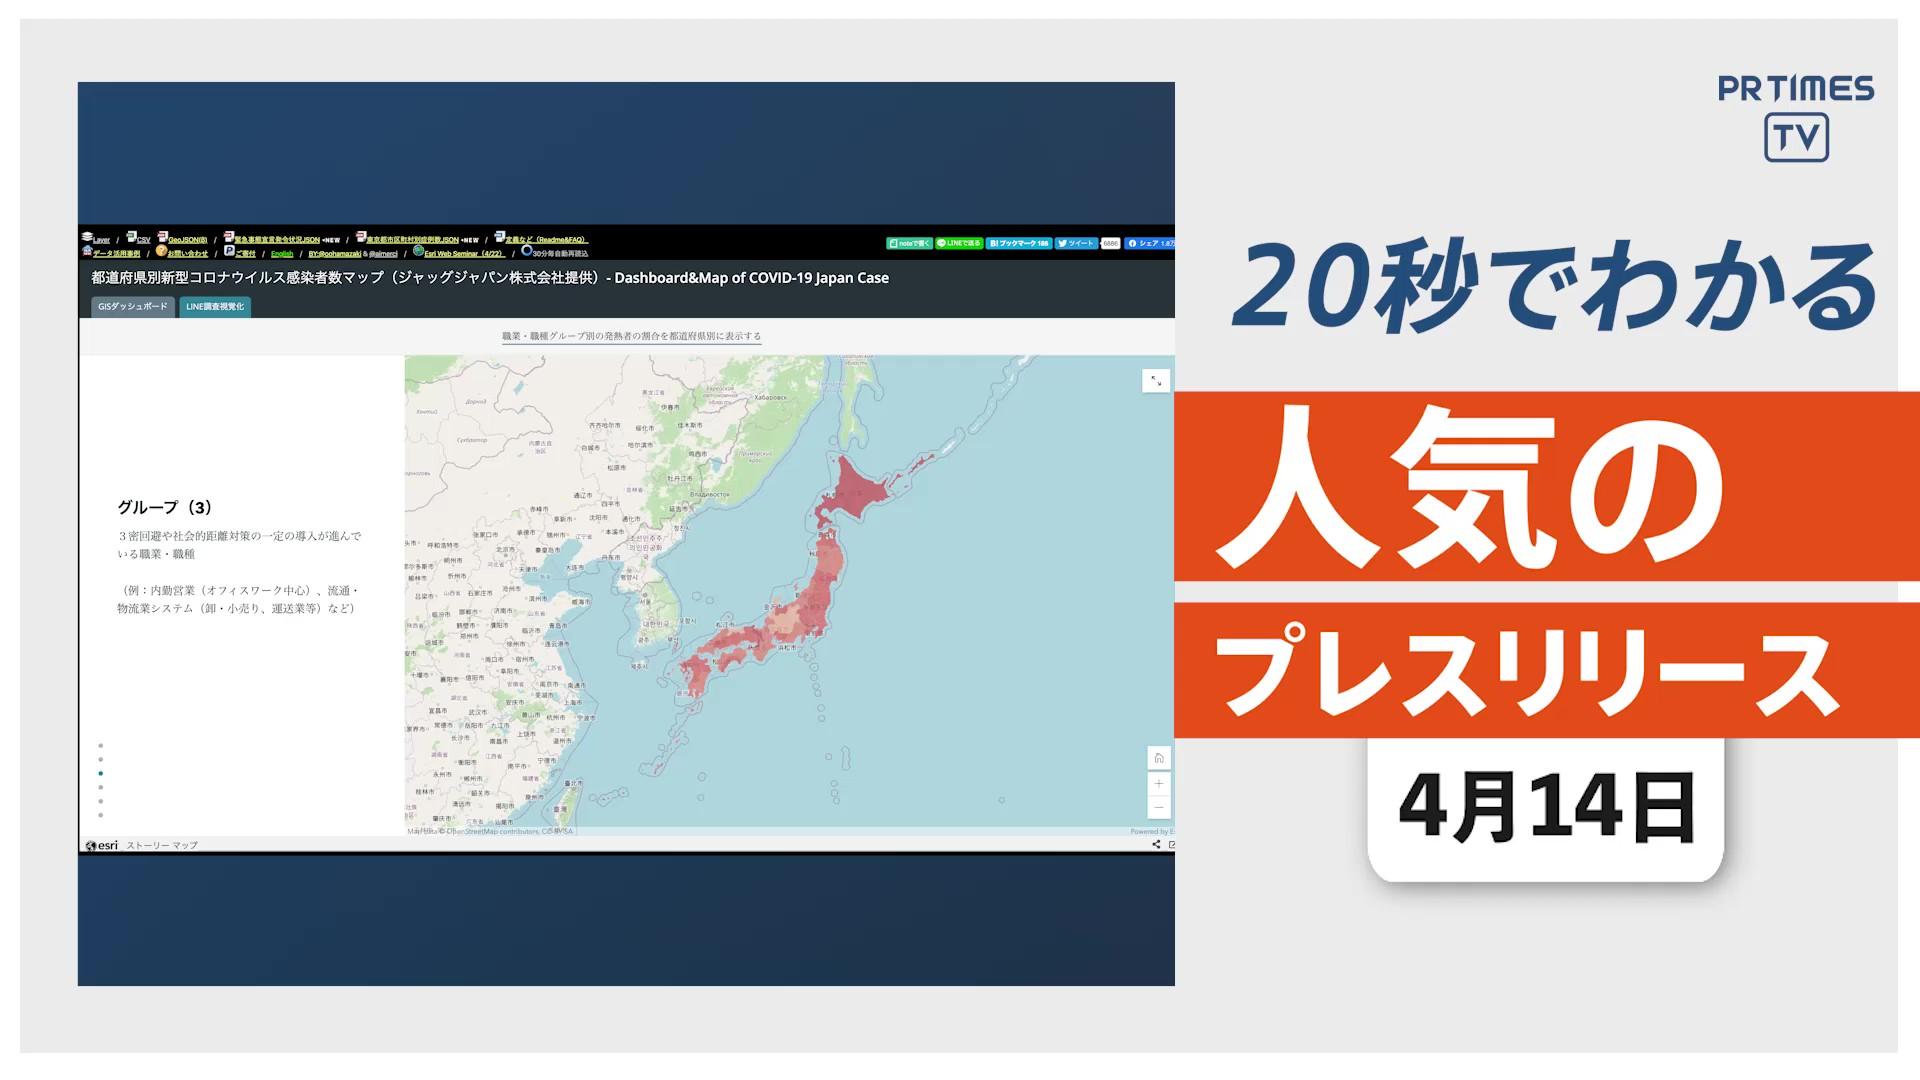 【第1回「新型コロナ対策のための全国調査」結果を地図上で可視化】他、新着トレンド4月14日